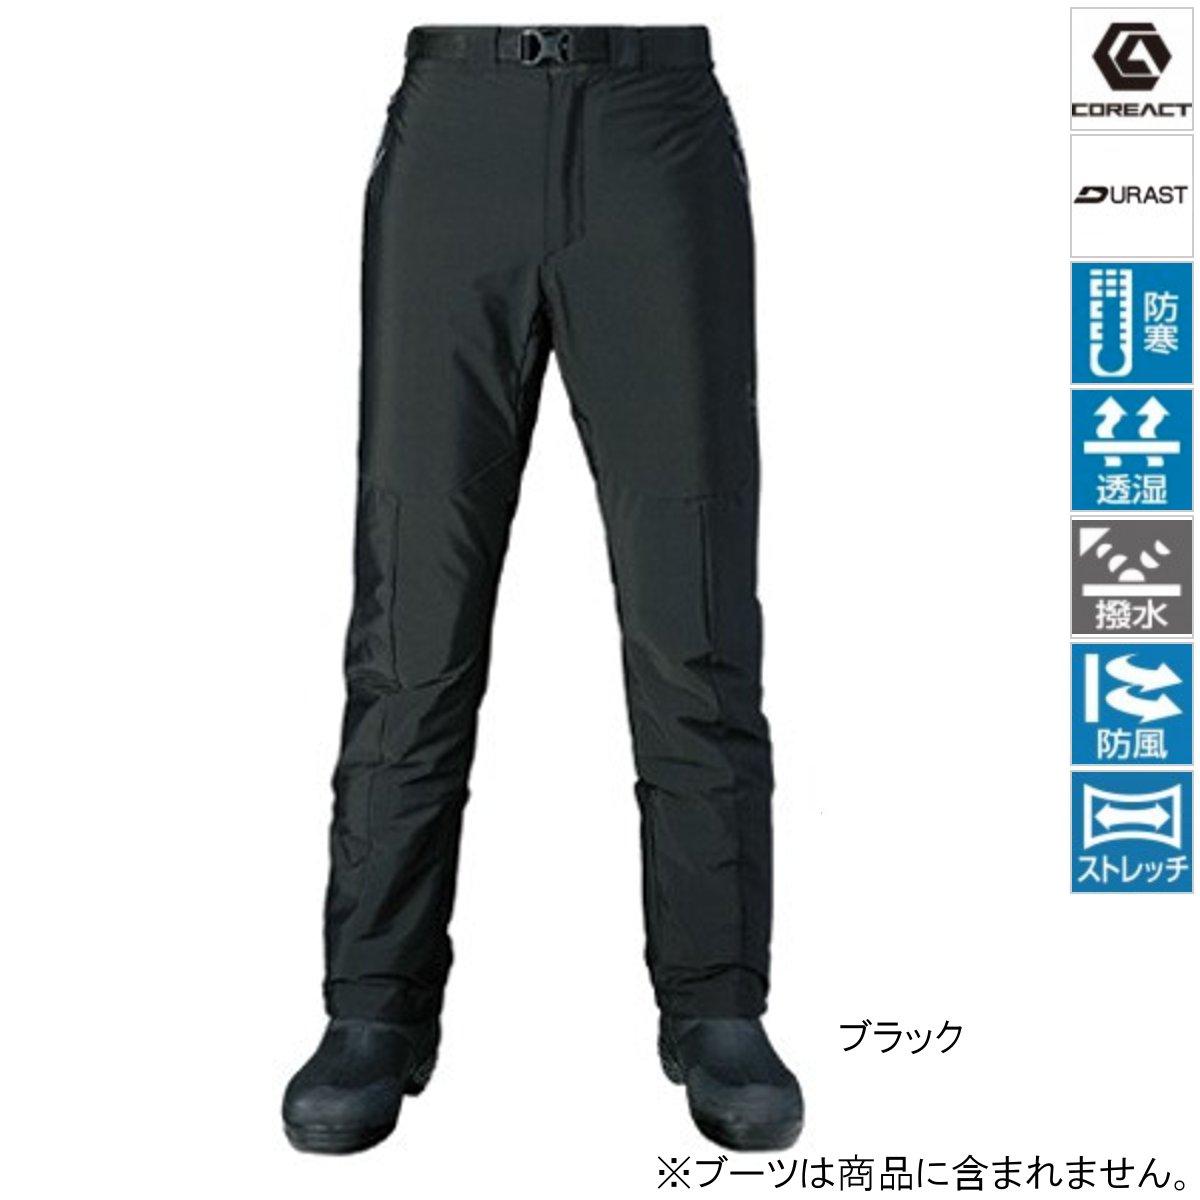 シマノ XEFO ストレッチサーマルパンツ PA-245R 2XL ブラック(東日本店) [11dmnbbkn]